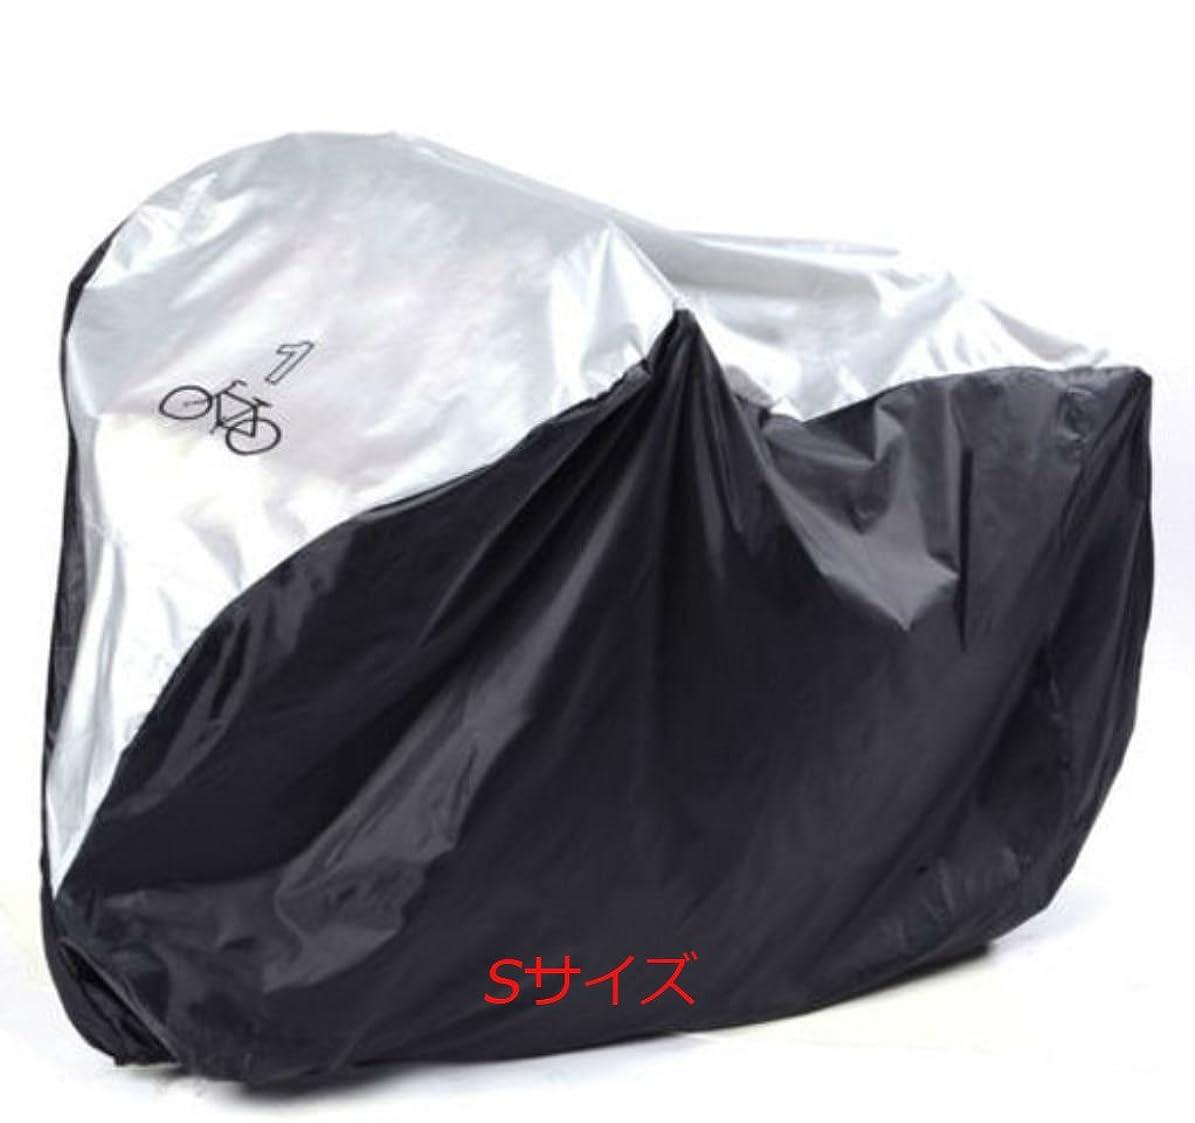 チート語ショップ自転車カバー サイクルカバー バイクカバー 1台 2台 3台 防水 UVカット 厚手 ロードバイクや電動自転車にも 29インチまで対応 風飛び防止 雨雪対策 収納袋付き